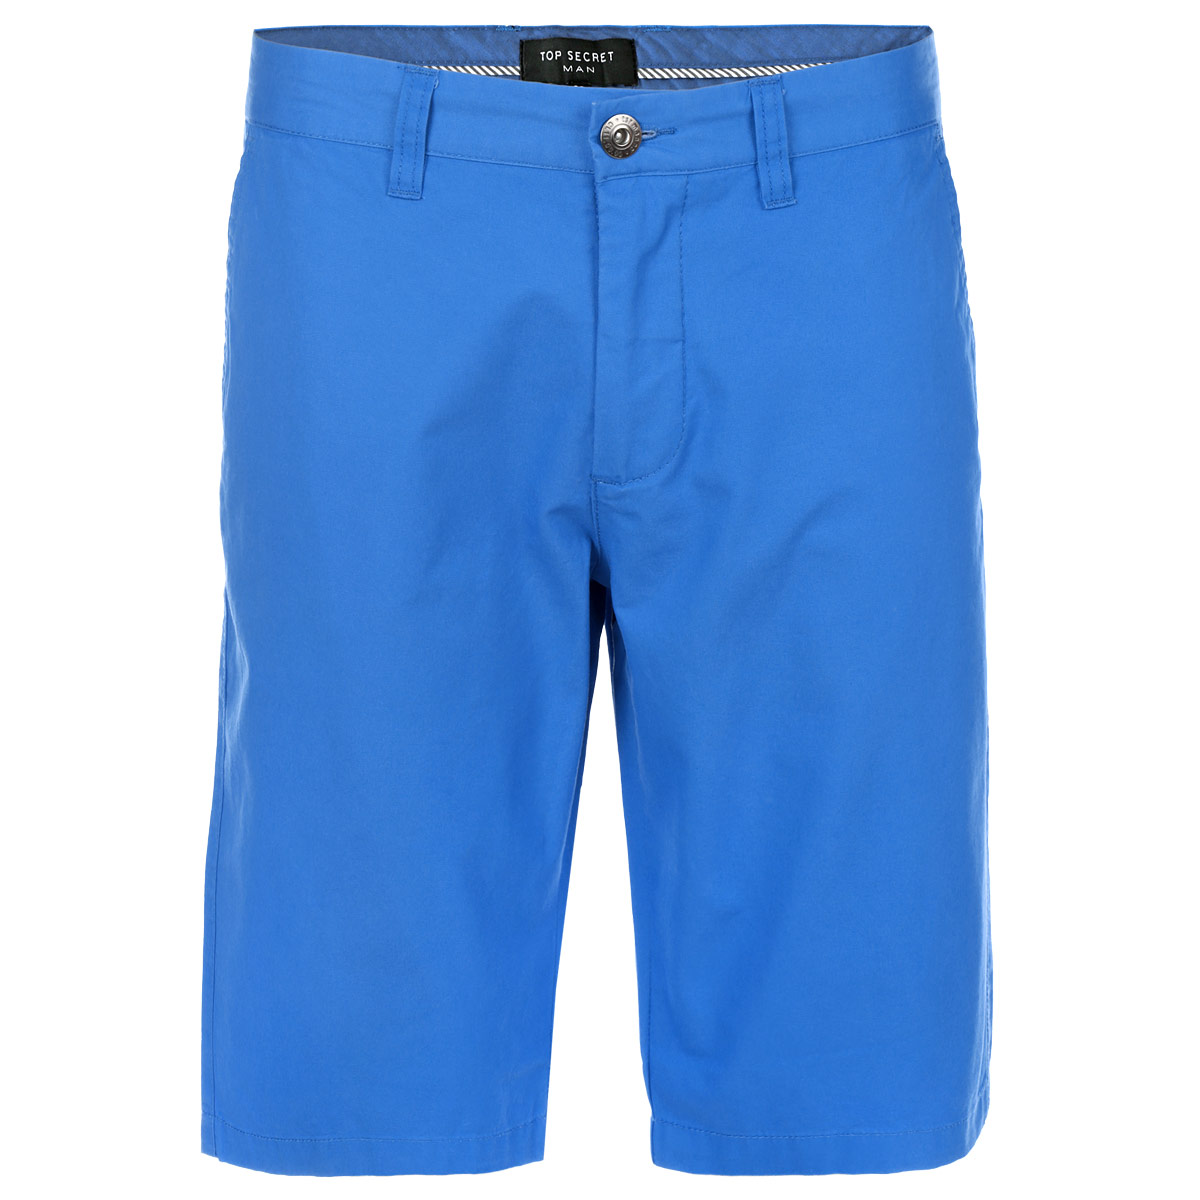 Шорты мужские Top Secret, цвет: голубой. SSZ0690NI34. Размер 34 (50)